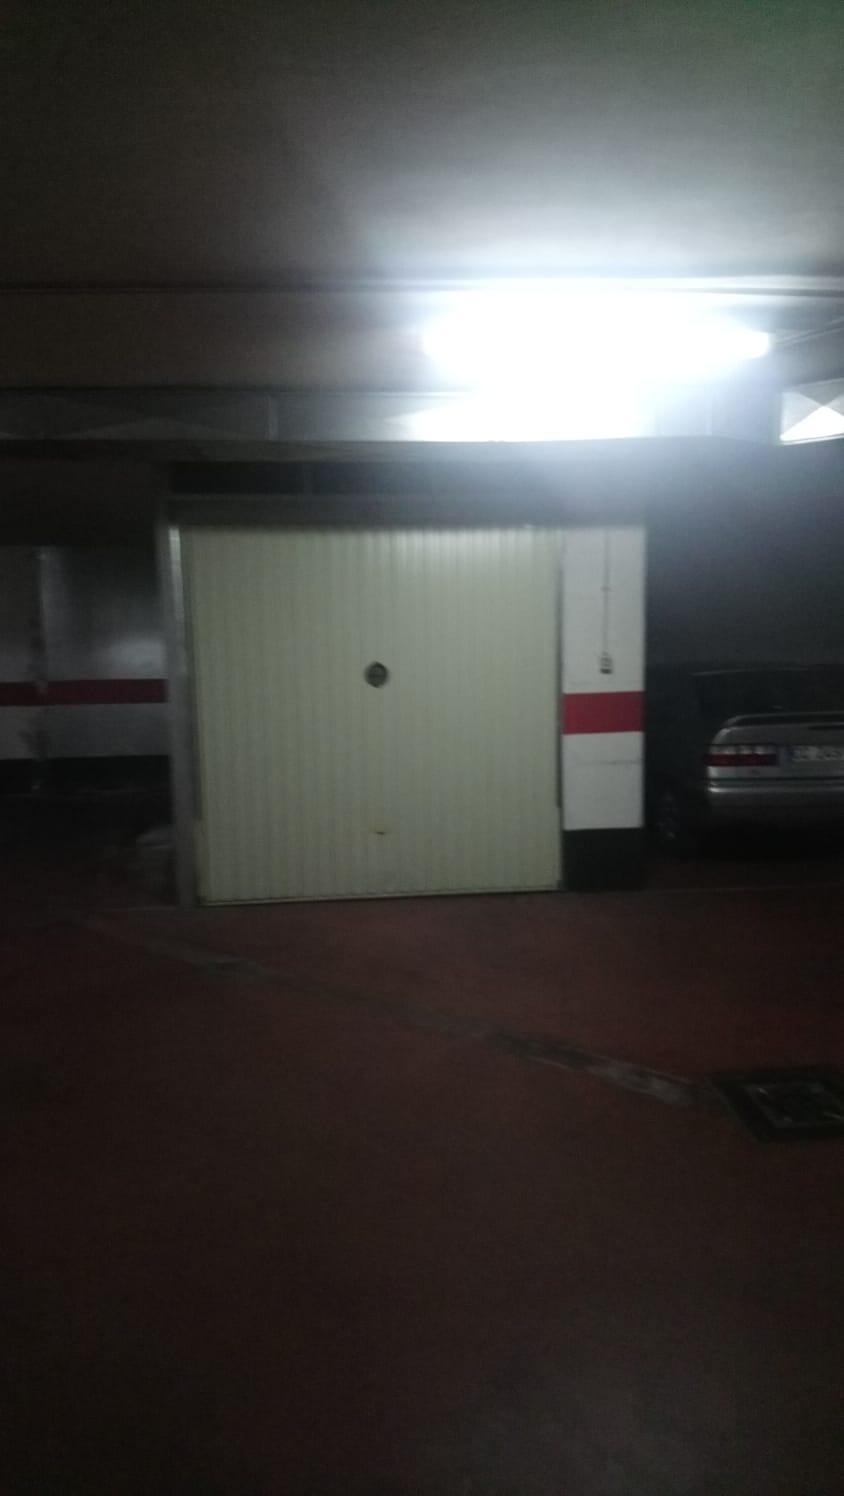 PISO CON GARAJE EN CAMINO DE LAS AGUAS (REF: 56) - foto 8 c14c643f-1b9b-47c1-8bce-f1bbf08d5877.jpg